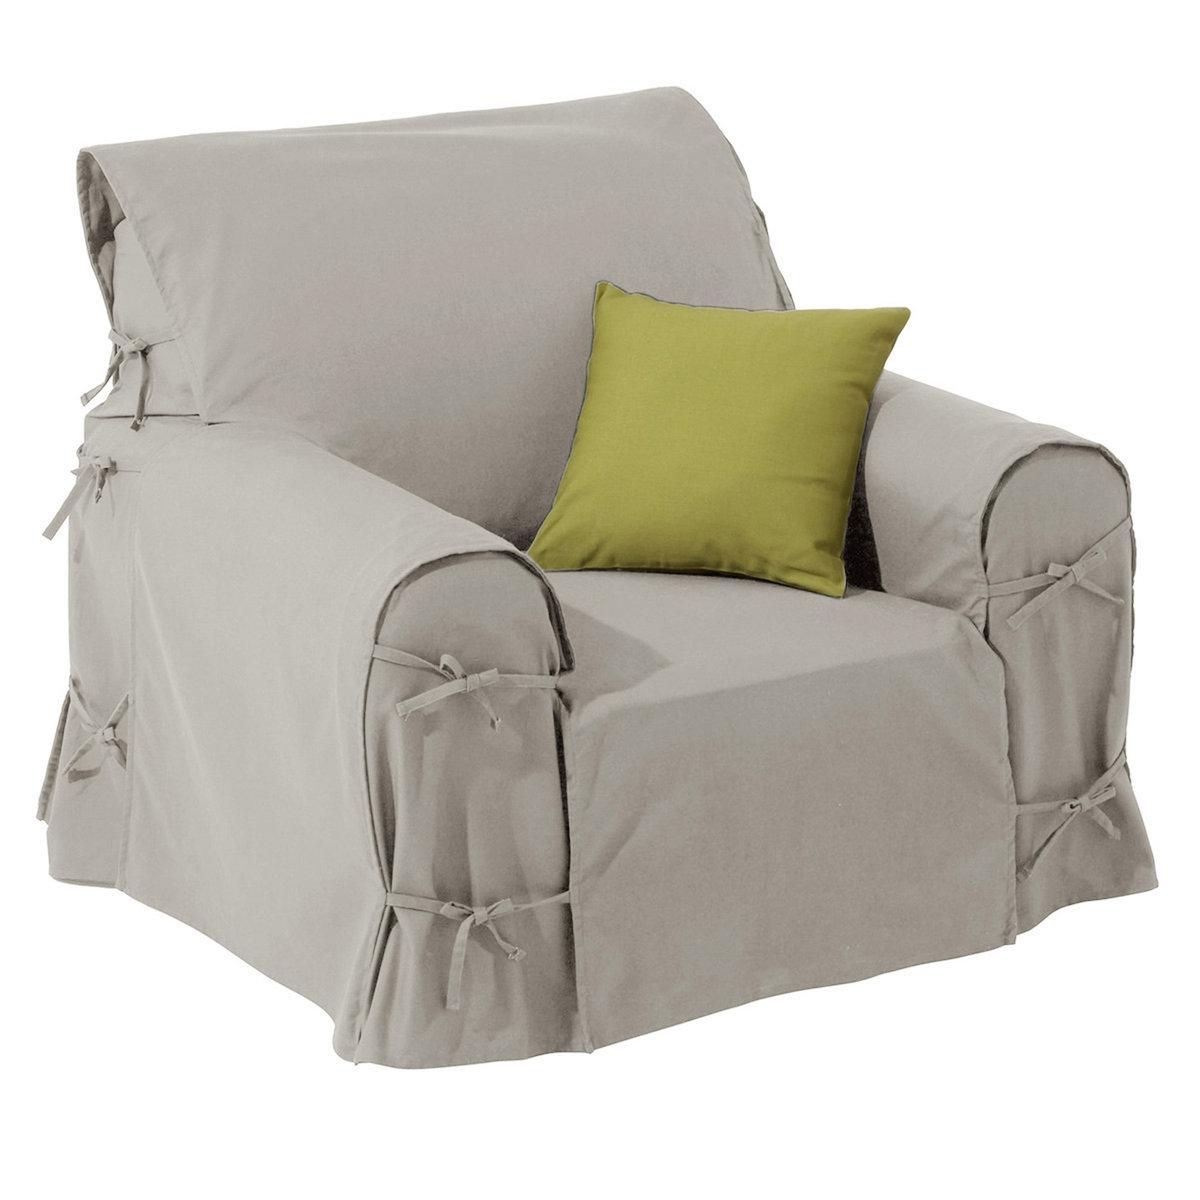 Чехол для креслаПодарите новую жизнь креслу благодаря этому чехлу из 100% хлопка, оцените широкую гамму ультрасовременных цветов!Характеристики чехла для кресла:- Практичный чехол для кресла регулируется завязками. - Красивая плотная ткань из 100% хлопка (220 г/м?).- Обработка против пятен.- Простой уход: стирка при 40°, превосходная стойкость цвета.Размеры чехла для кресла:- Общая высота: 102 см.- Максимальная ширина: 80 см.- Глубина сидения: 60 см.- Высота подлокотников: 66 см.Качество VALEUR S?RE. Производство осуществляется с учетом стандартов по защите окружающей среды и здоровья человека, что подтверждено сертификатом Oeko-tex®.<br><br>Цвет: облачно-серый,рубиново-красный<br>Размер: единый размер